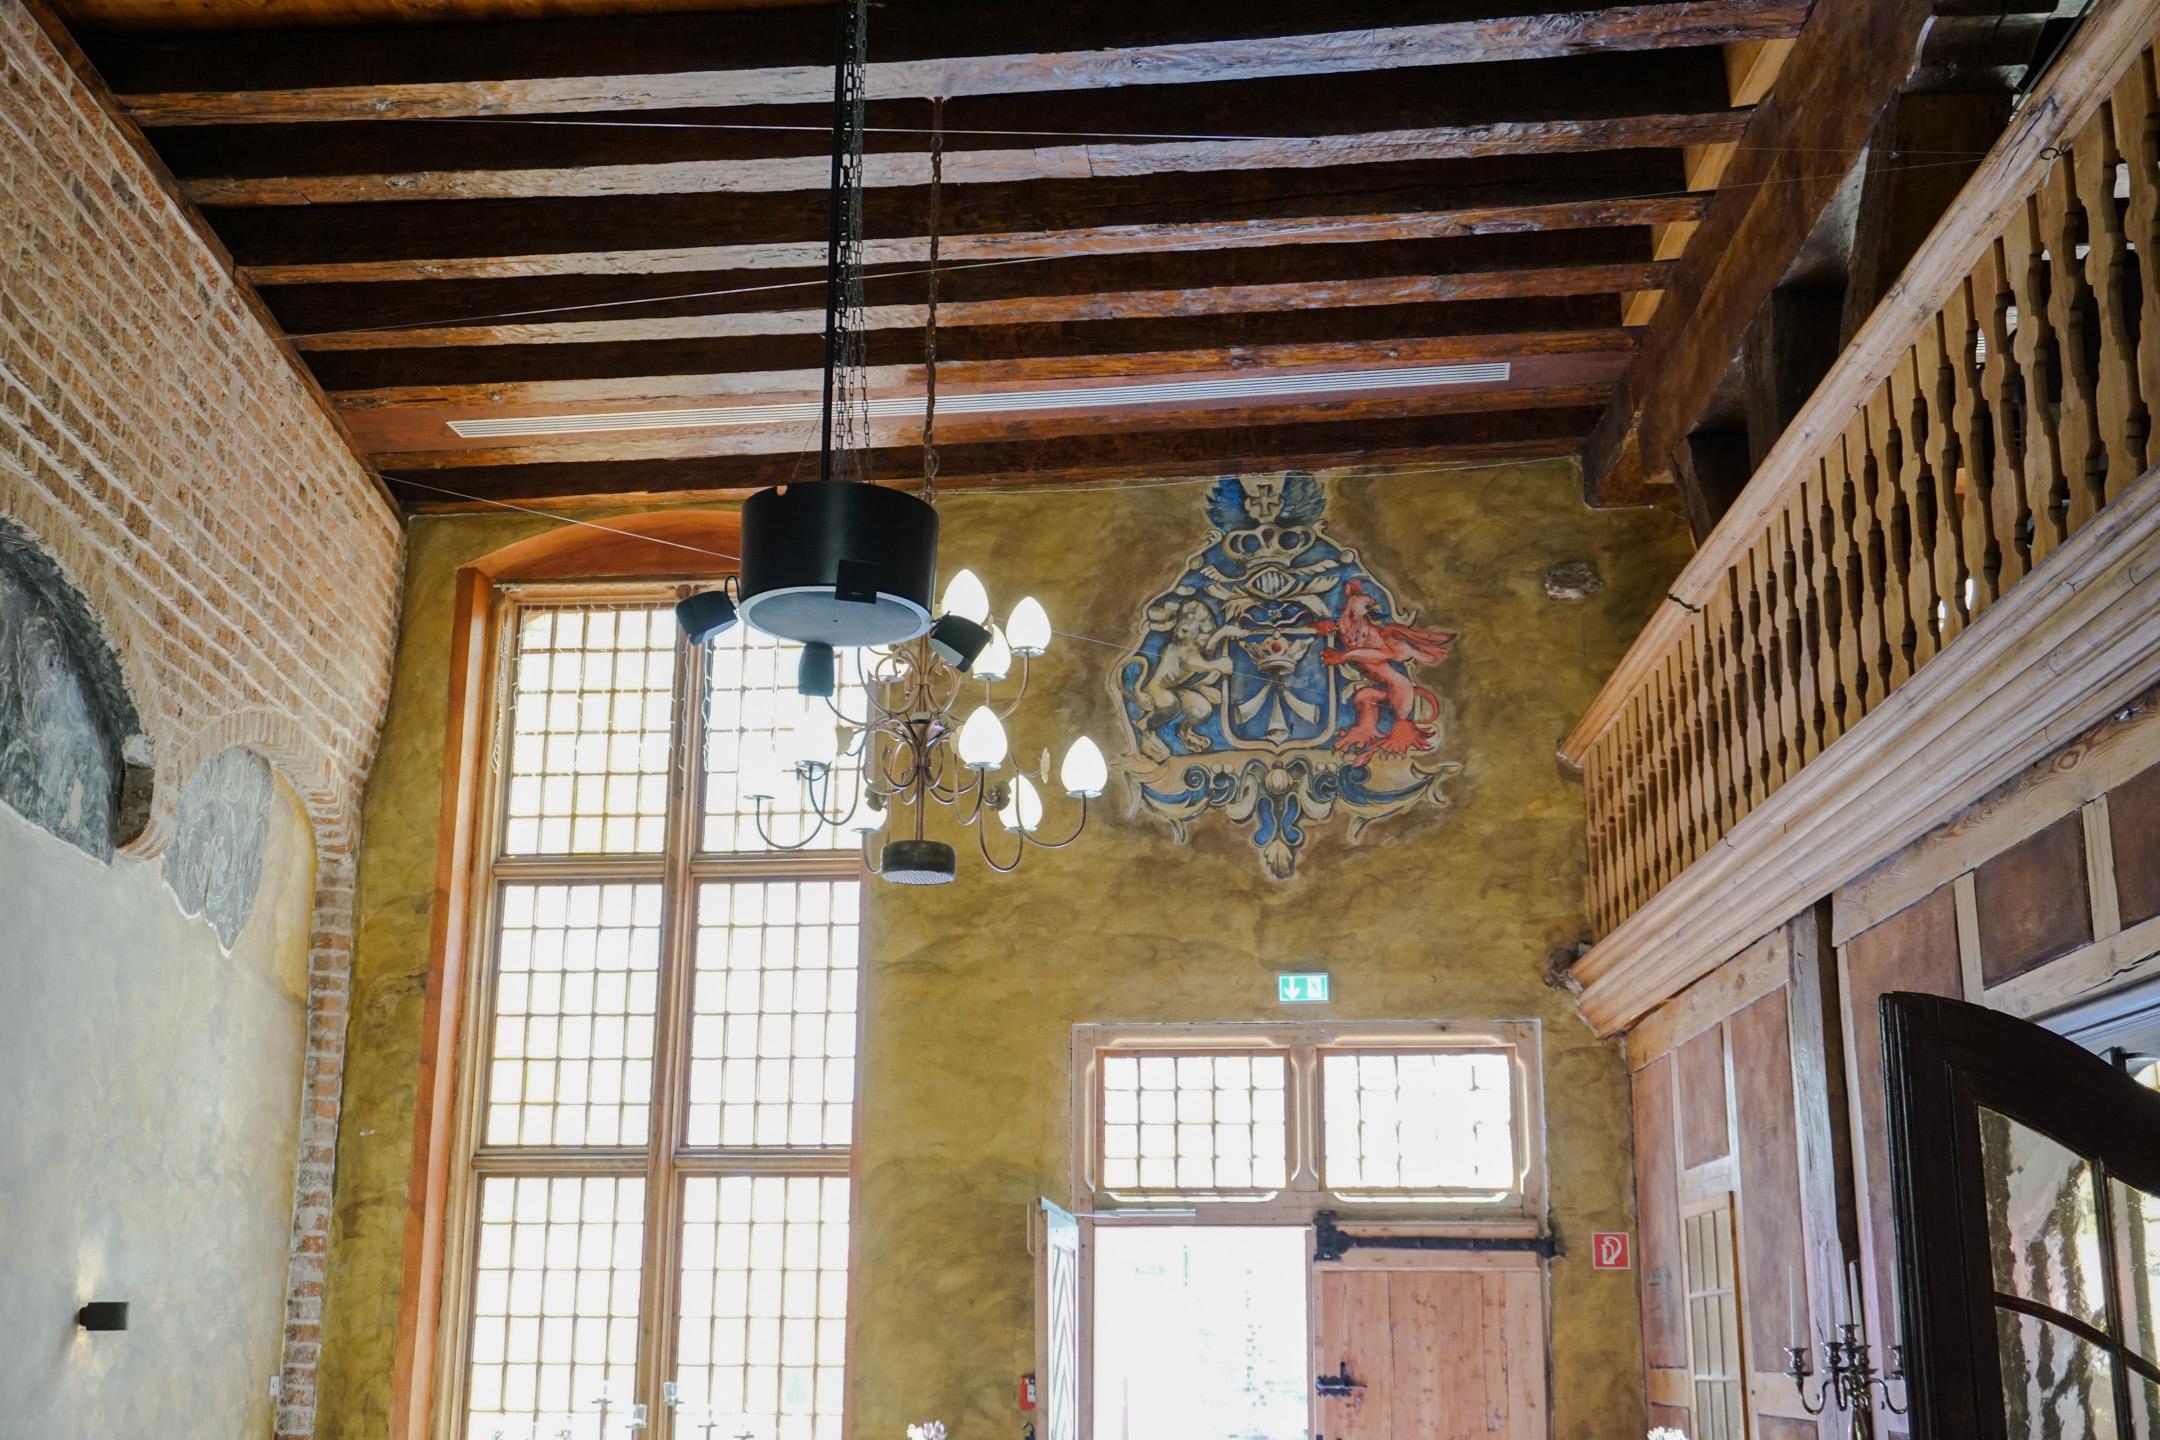 auszeit-ostsee-romantik-hotel-scheelehof-stralsund-travelblog-reiseblog-reisen-zur-scheele-restaurant